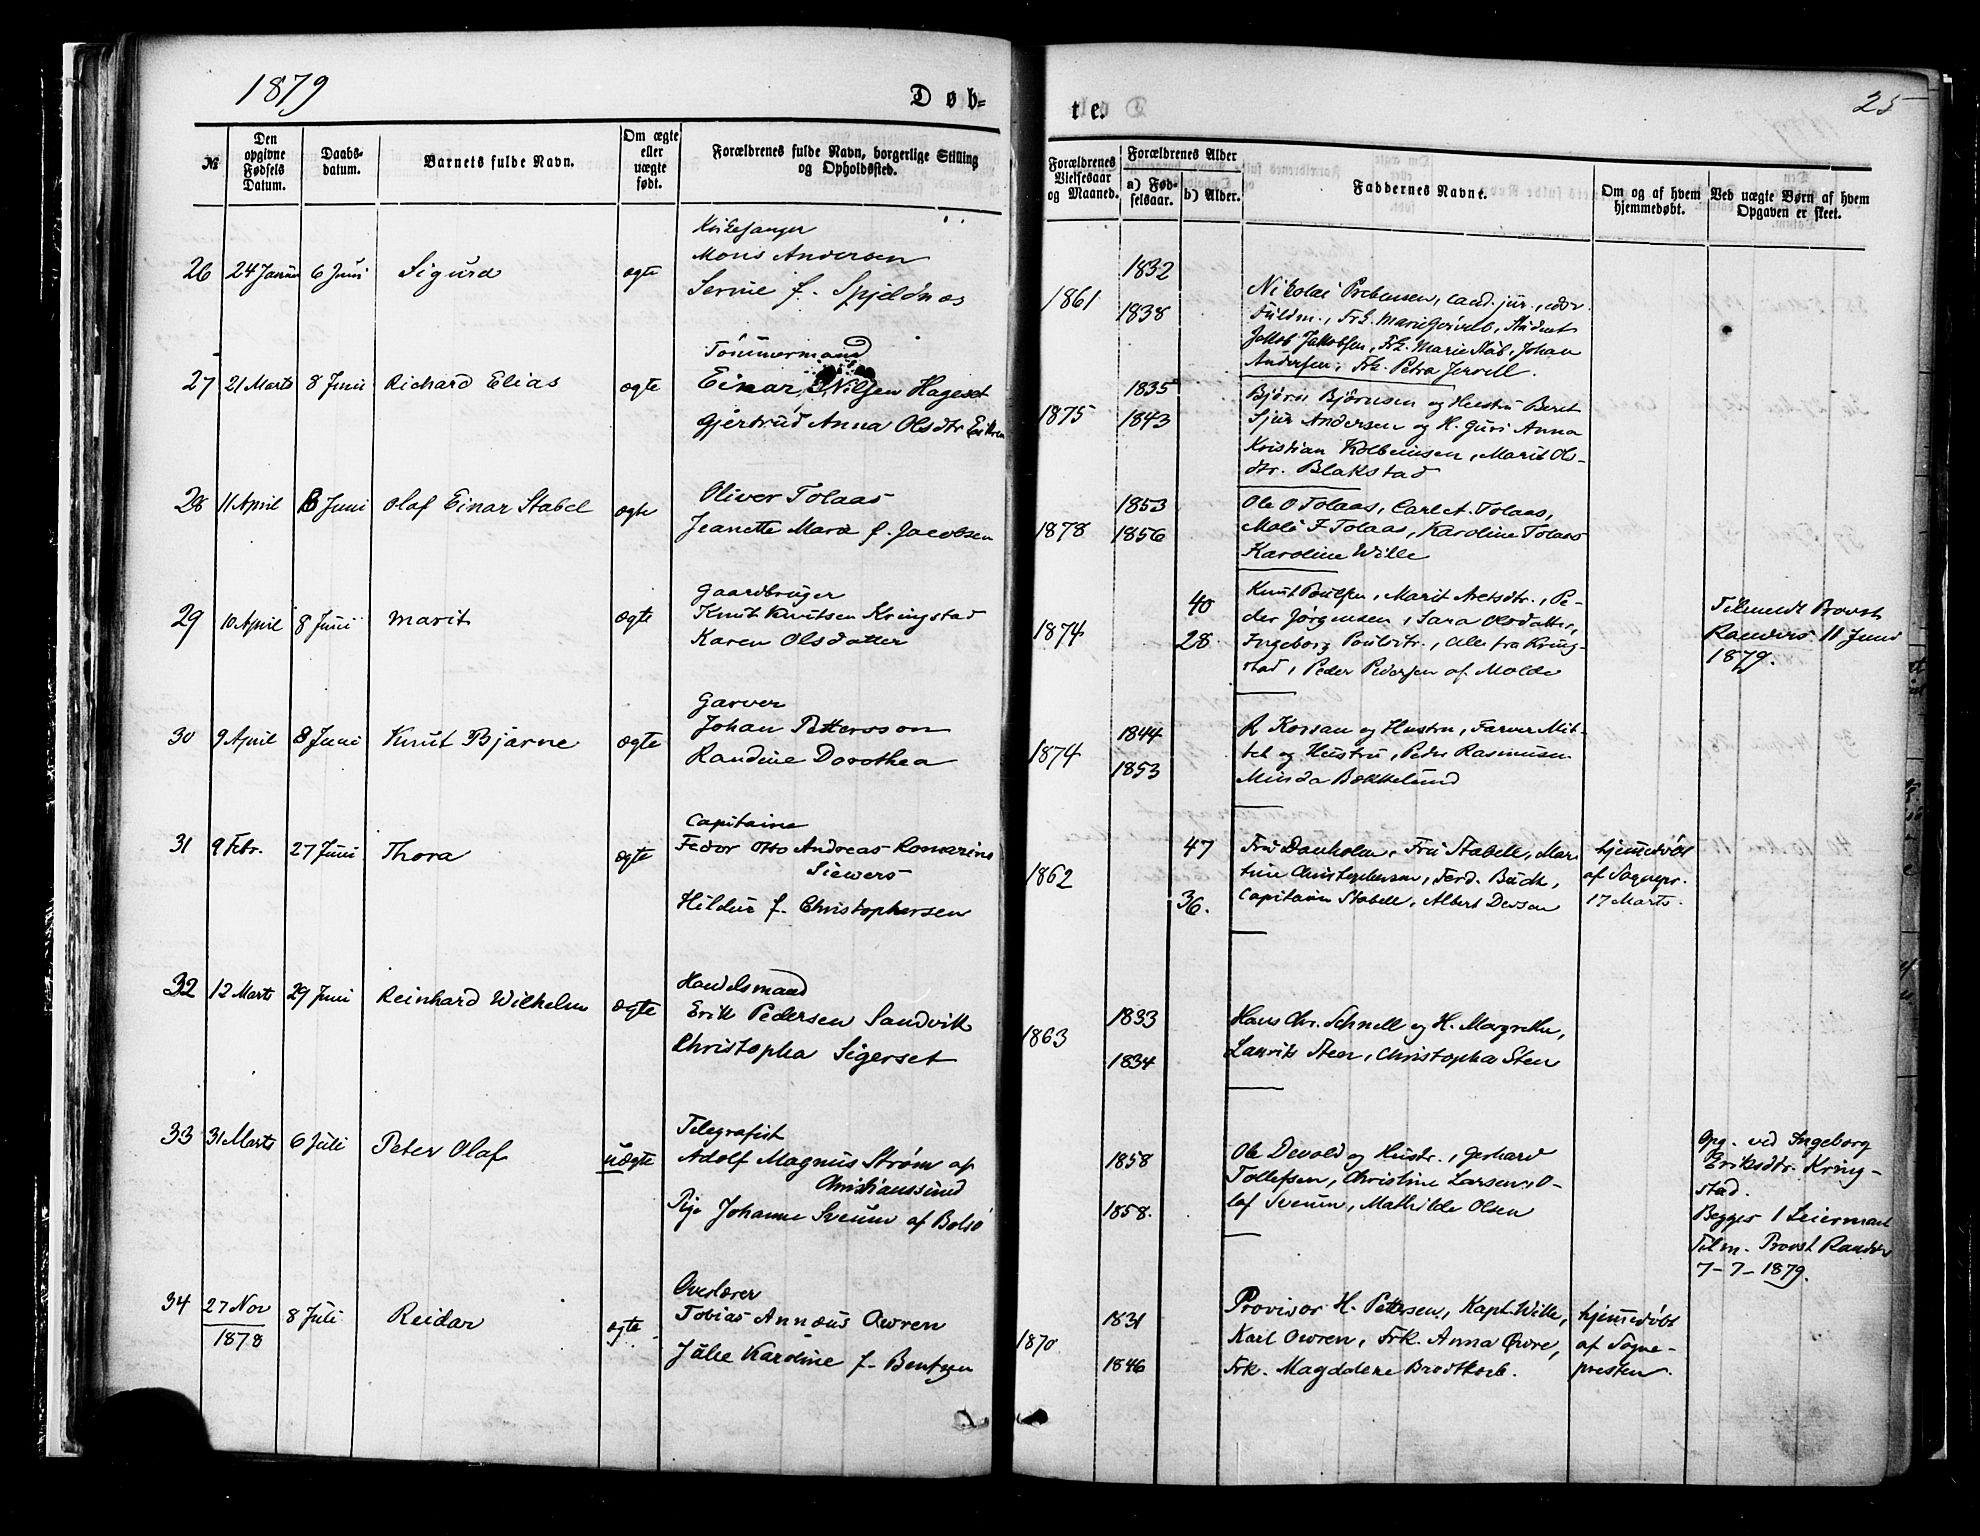 SAT, Ministerialprotokoller, klokkerbøker og fødselsregistre - Møre og Romsdal, 558/L0691: Ministerialbok nr. 558A05, 1873-1886, s. 25